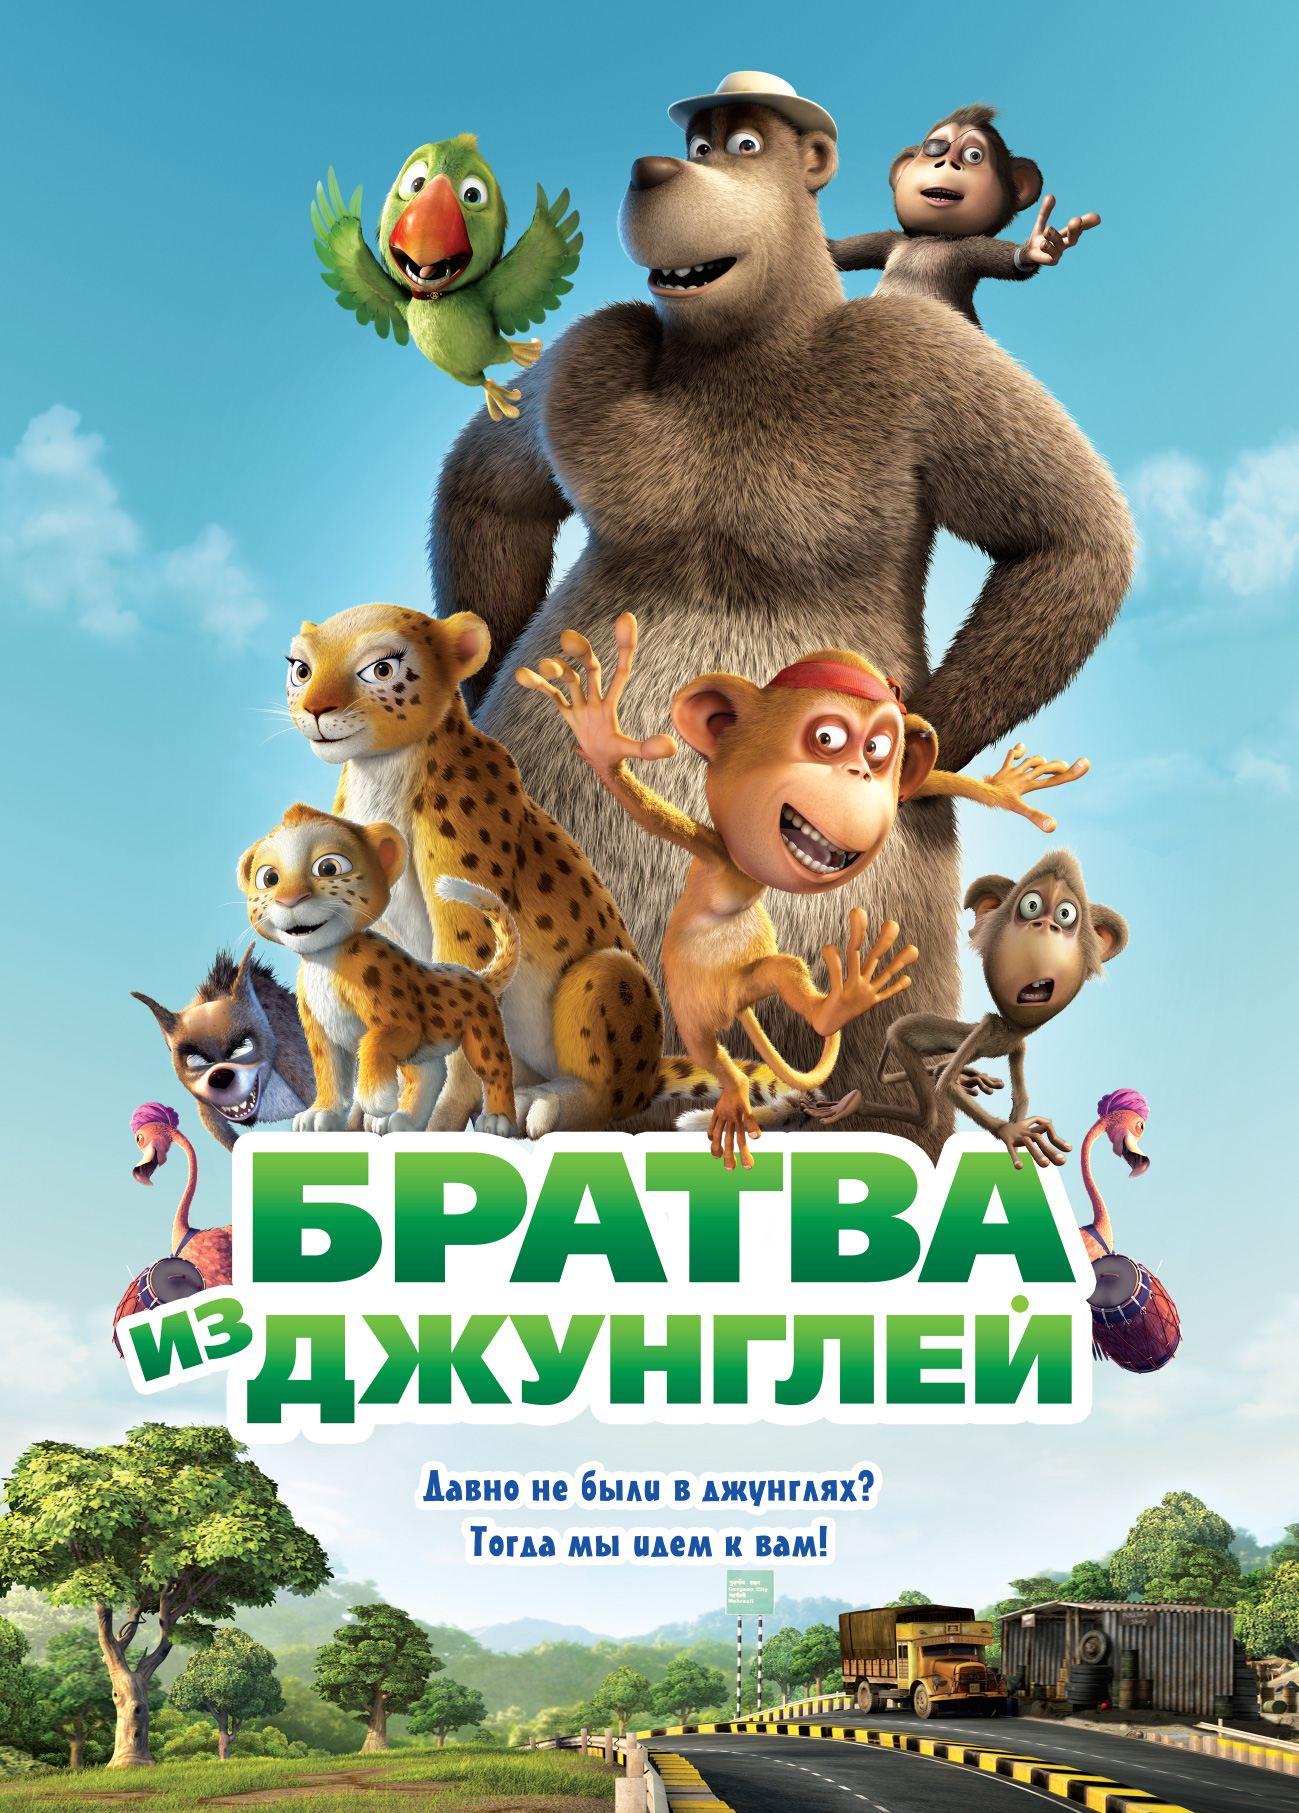 плакат фильма постер локализованные Братва из джунглей